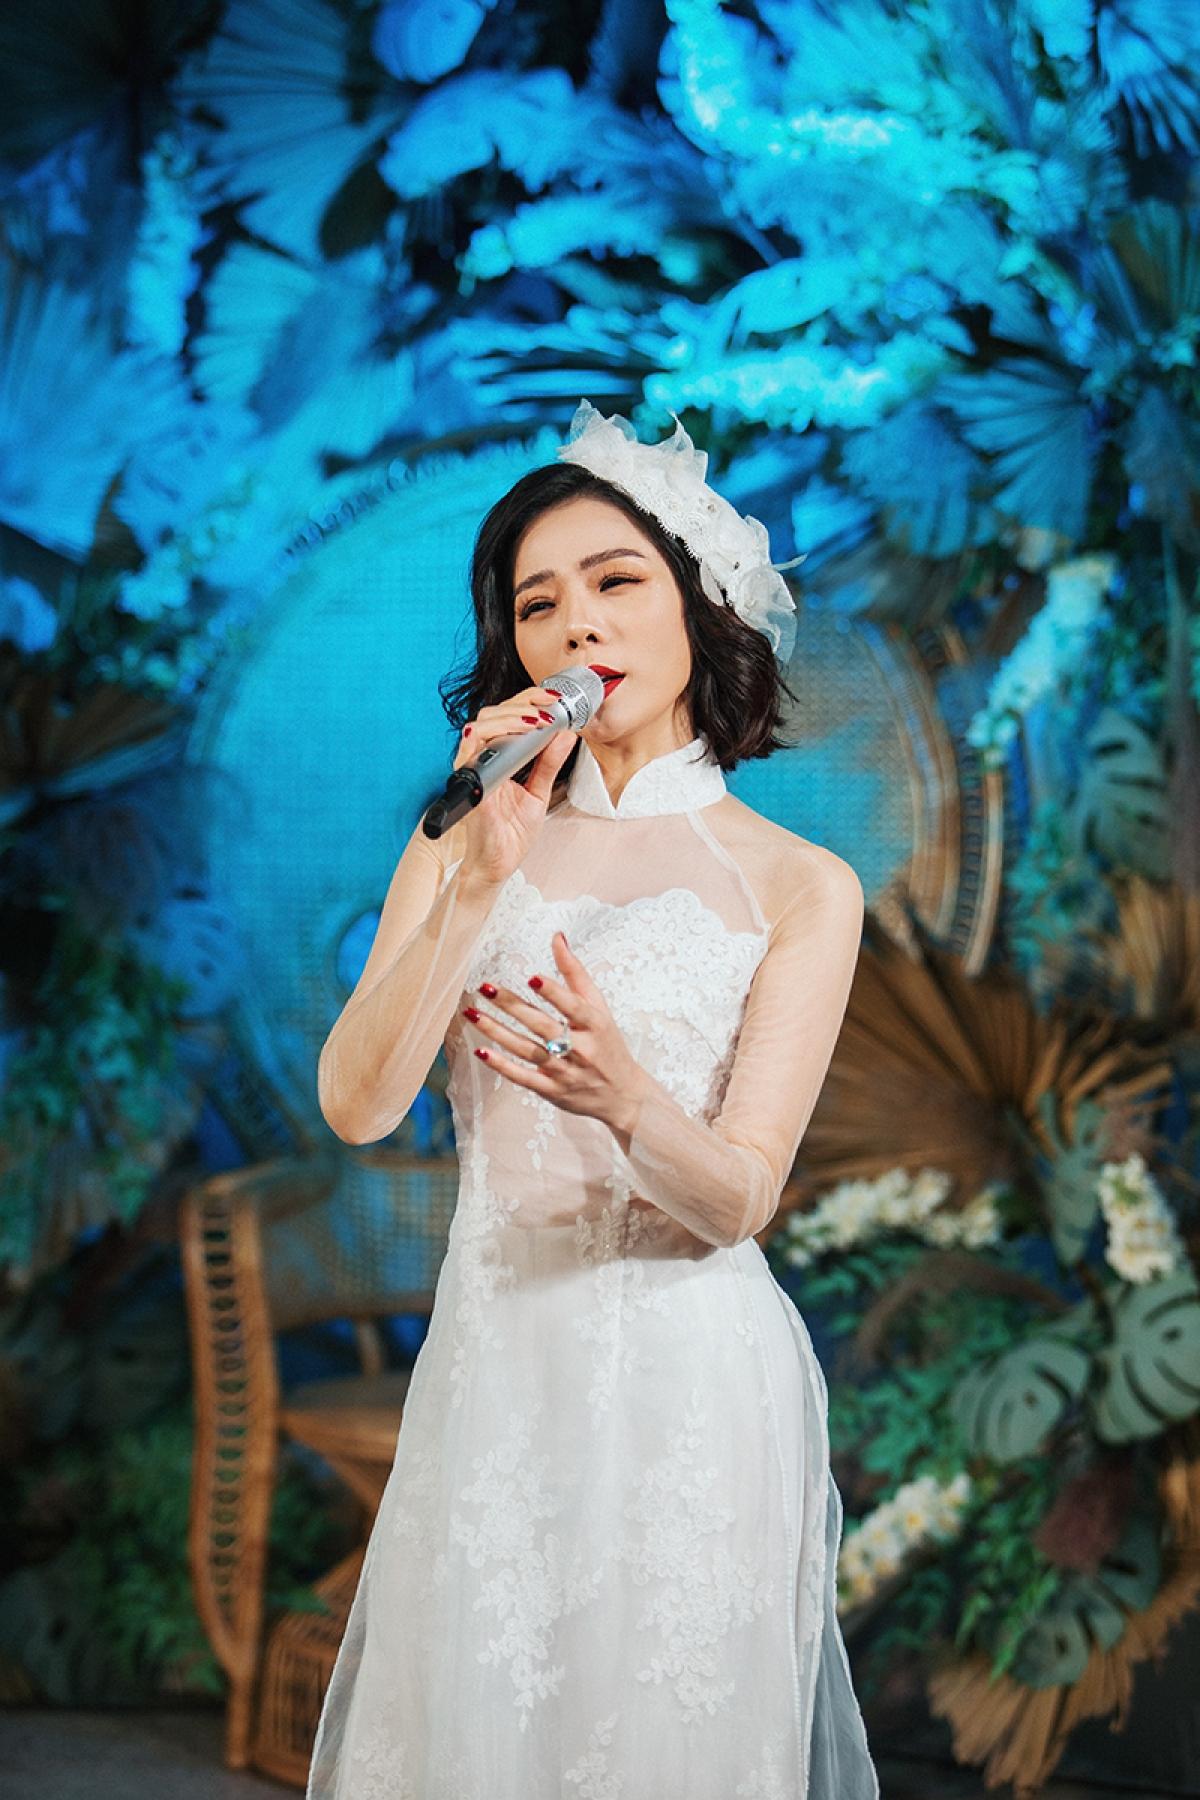 Xuất hiện tại một sự kiện thời trang diễn ra tối 28/11 tại Hà Nội, nữ ca sĩ Lệ Quyên thu hút sự chú ý khi diện chiếc váy cưới trắng muốt.